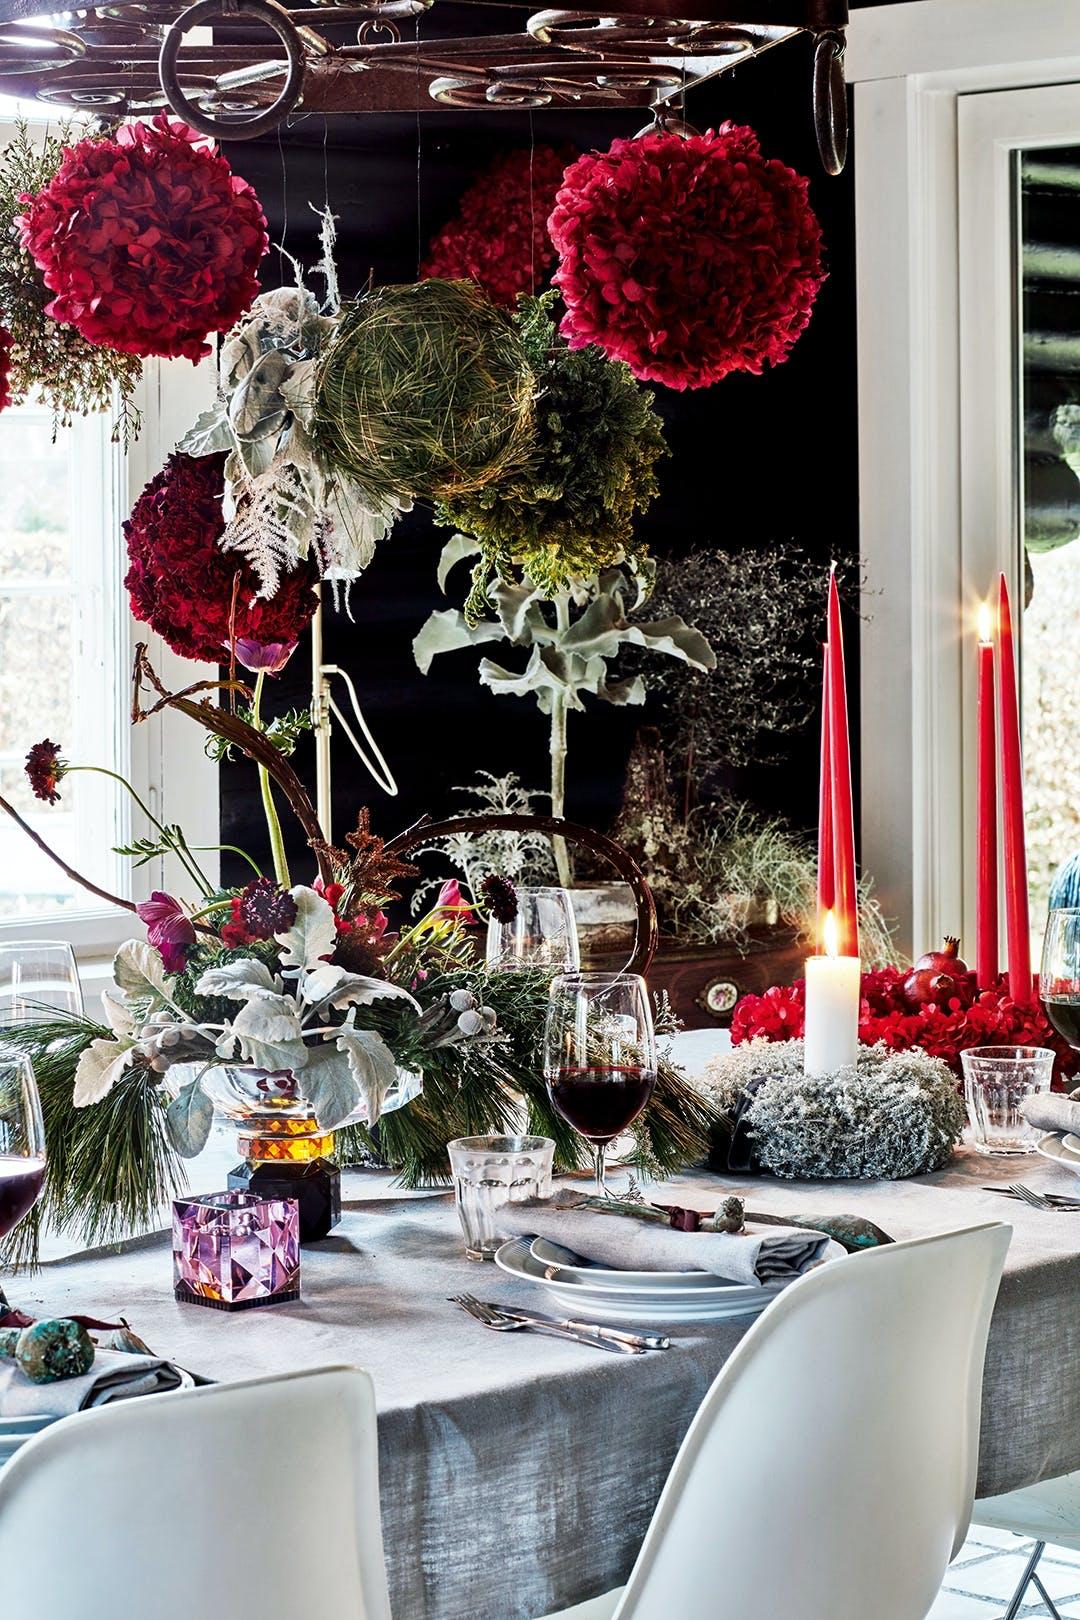 jul juledekoration julebord opdækning pynt blomster